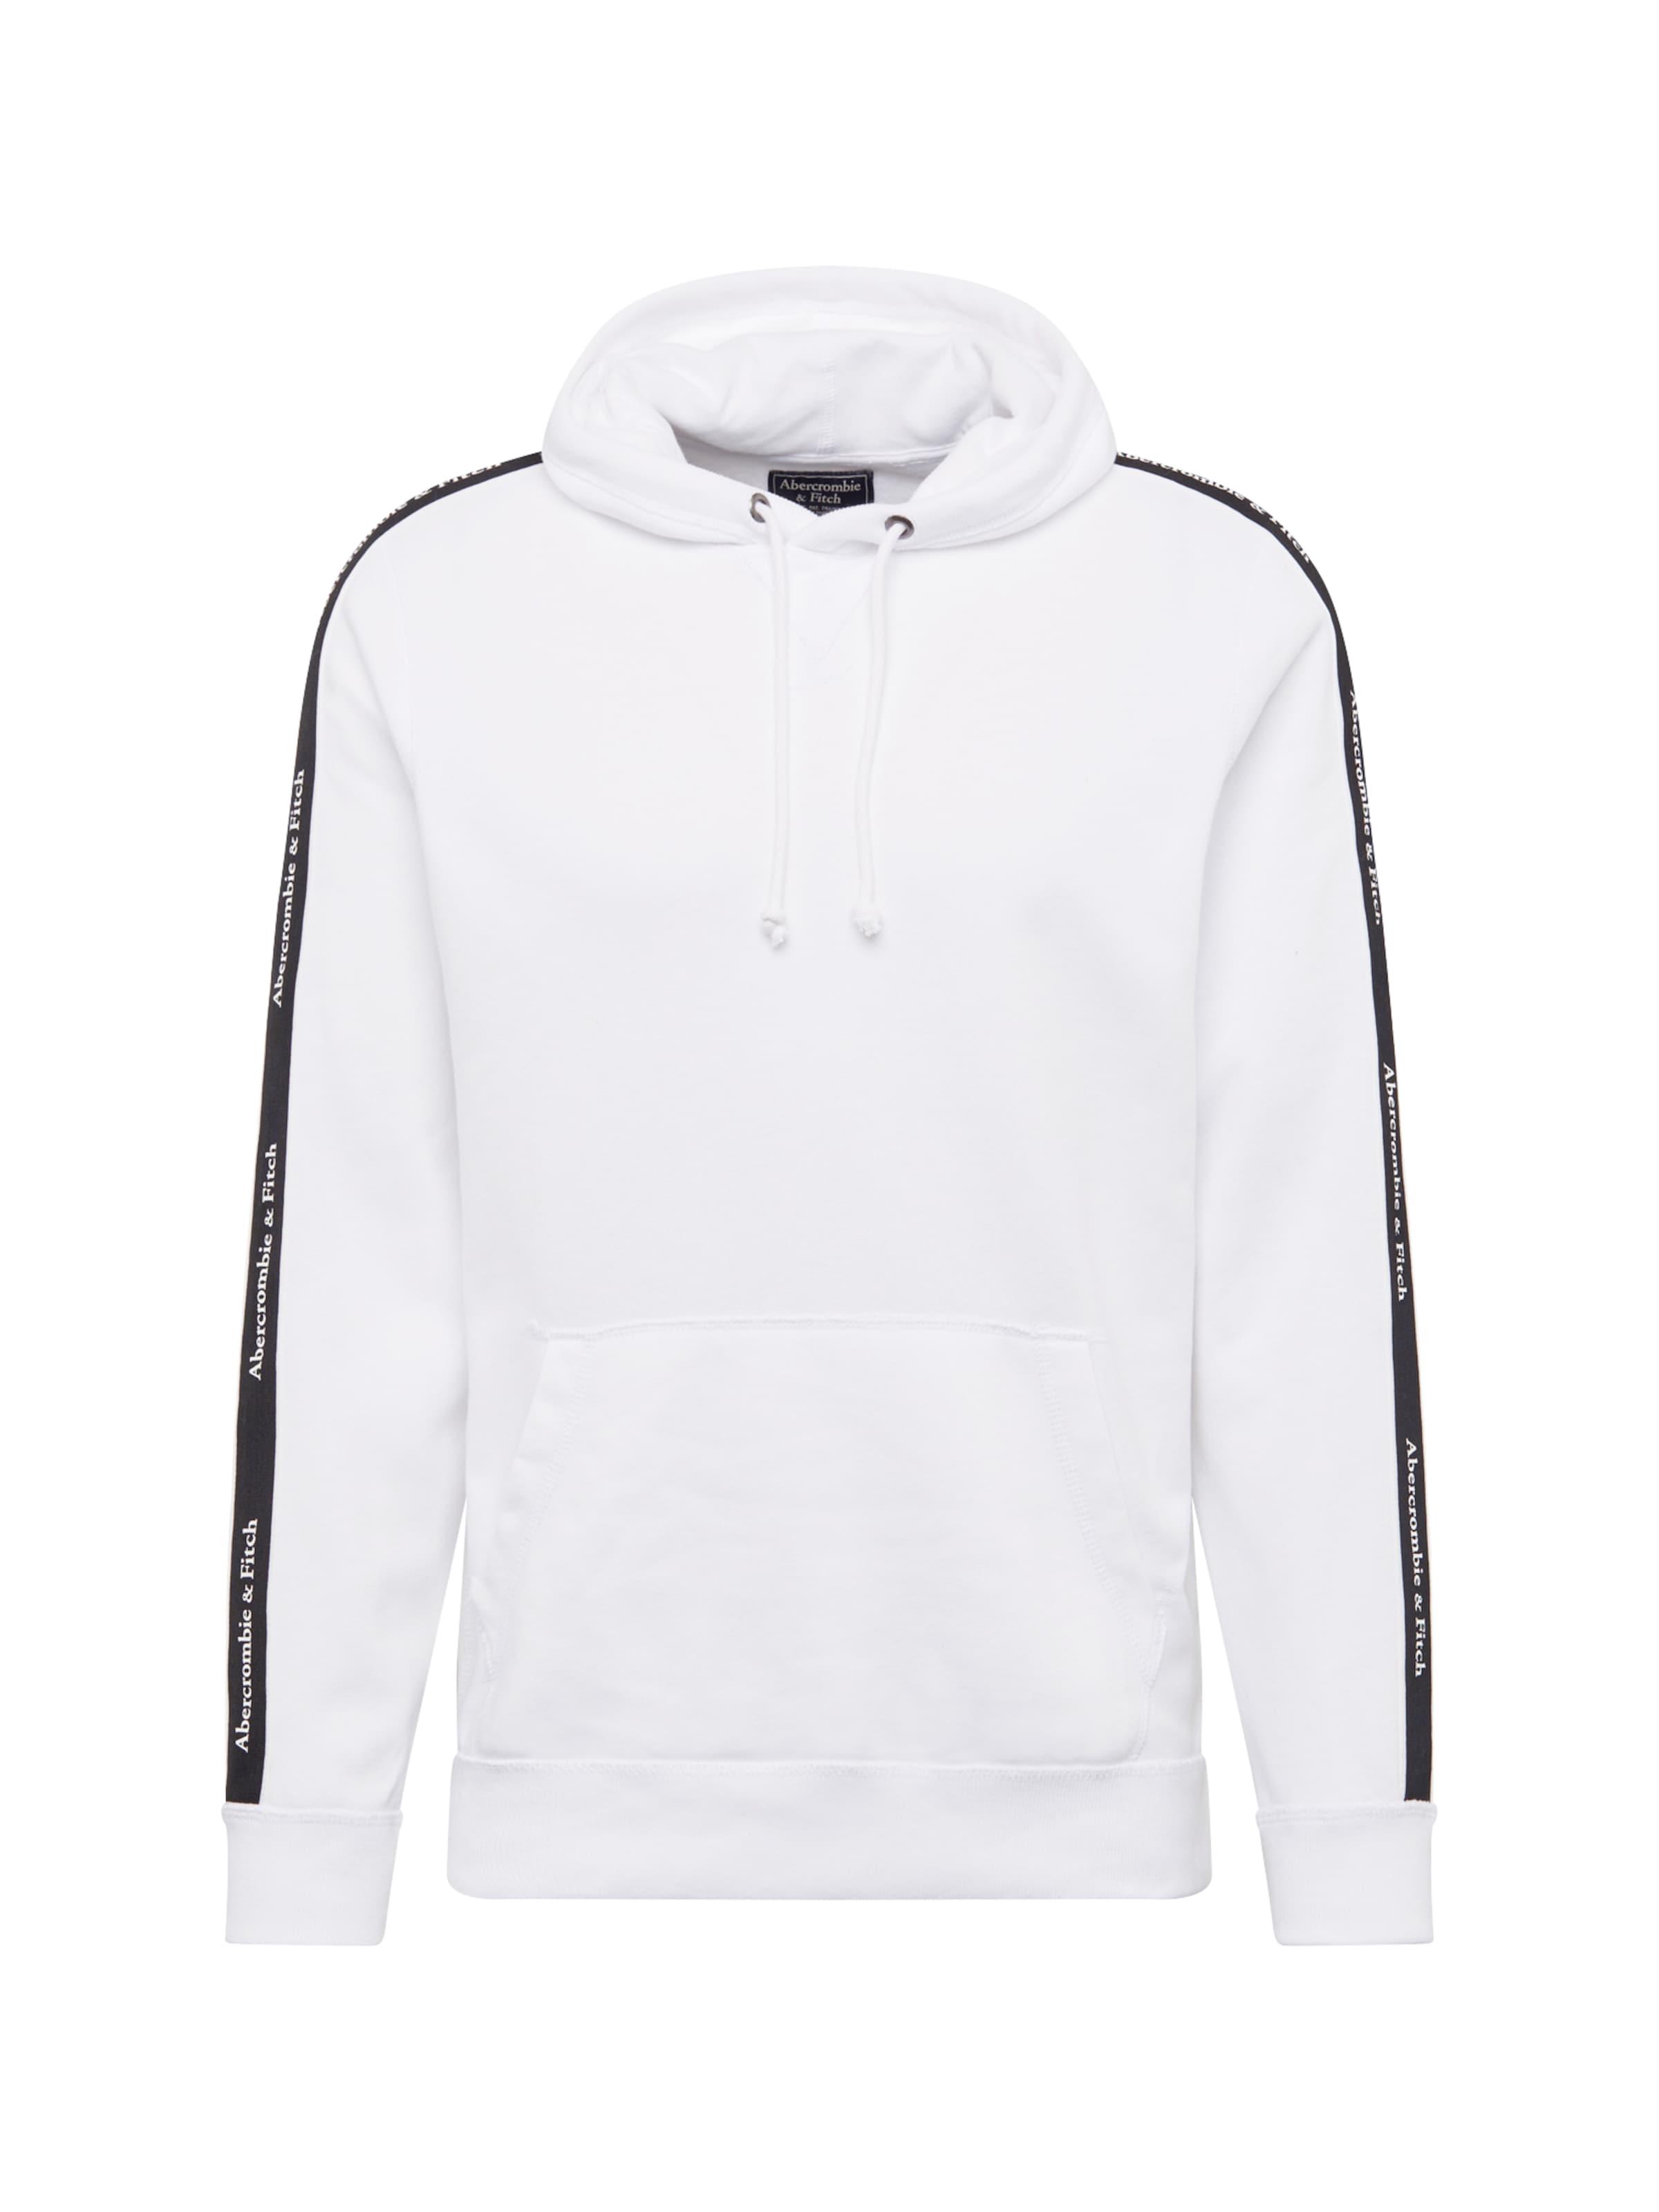 Abercrombieamp; En Sweat shirt 'b Noir w' Fitch HbeW29EIDY